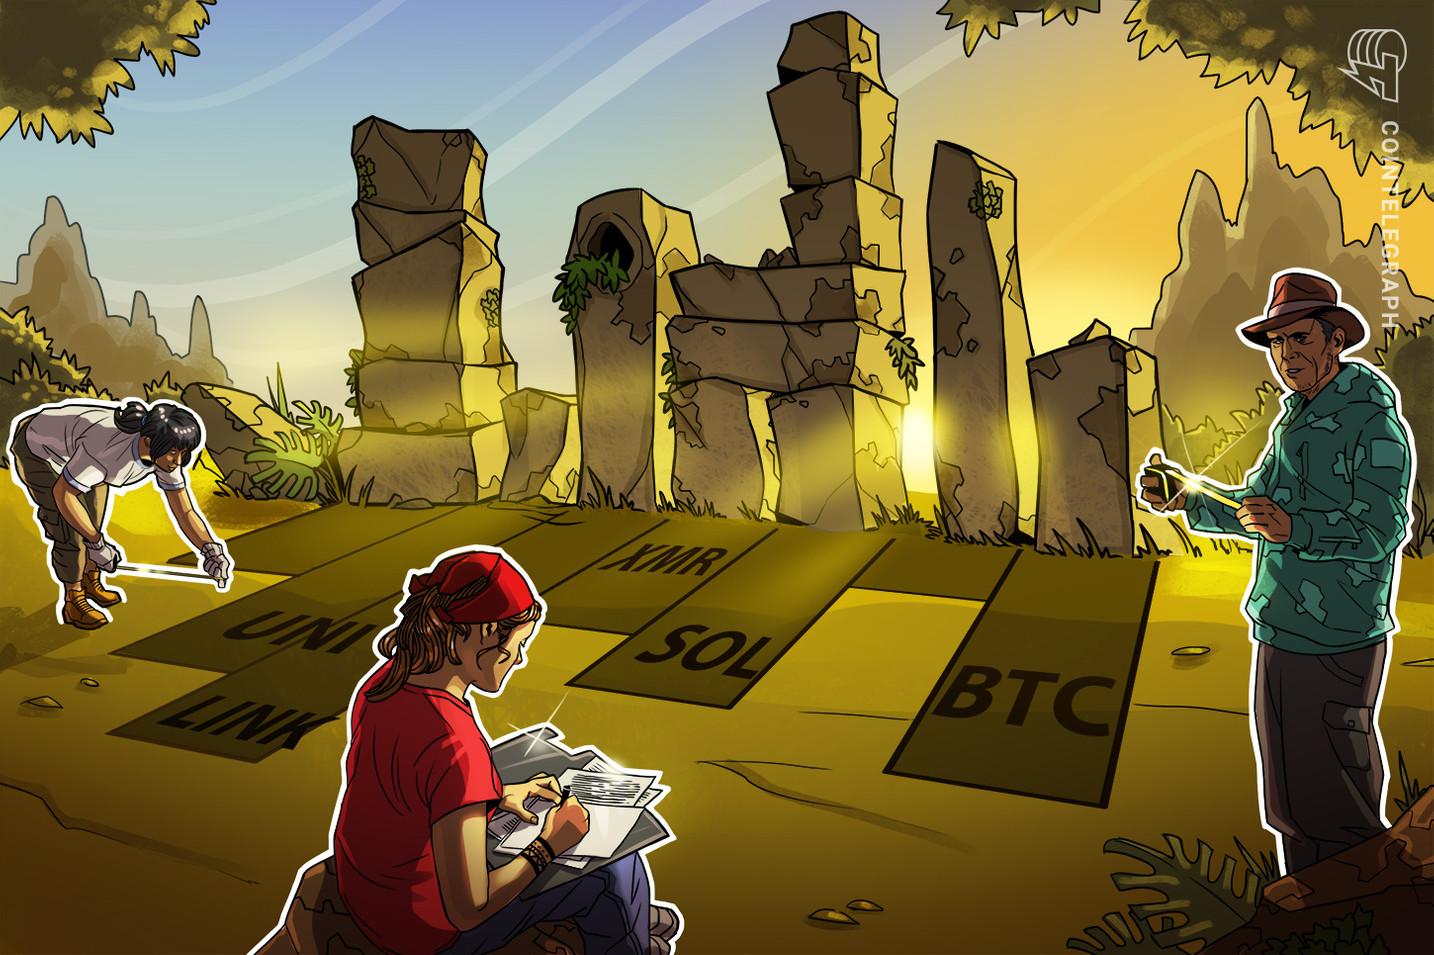 Top 5 des crypto-monnaies à surveiller cette semaine : BTC, UNI, LINK, SOL, XMR